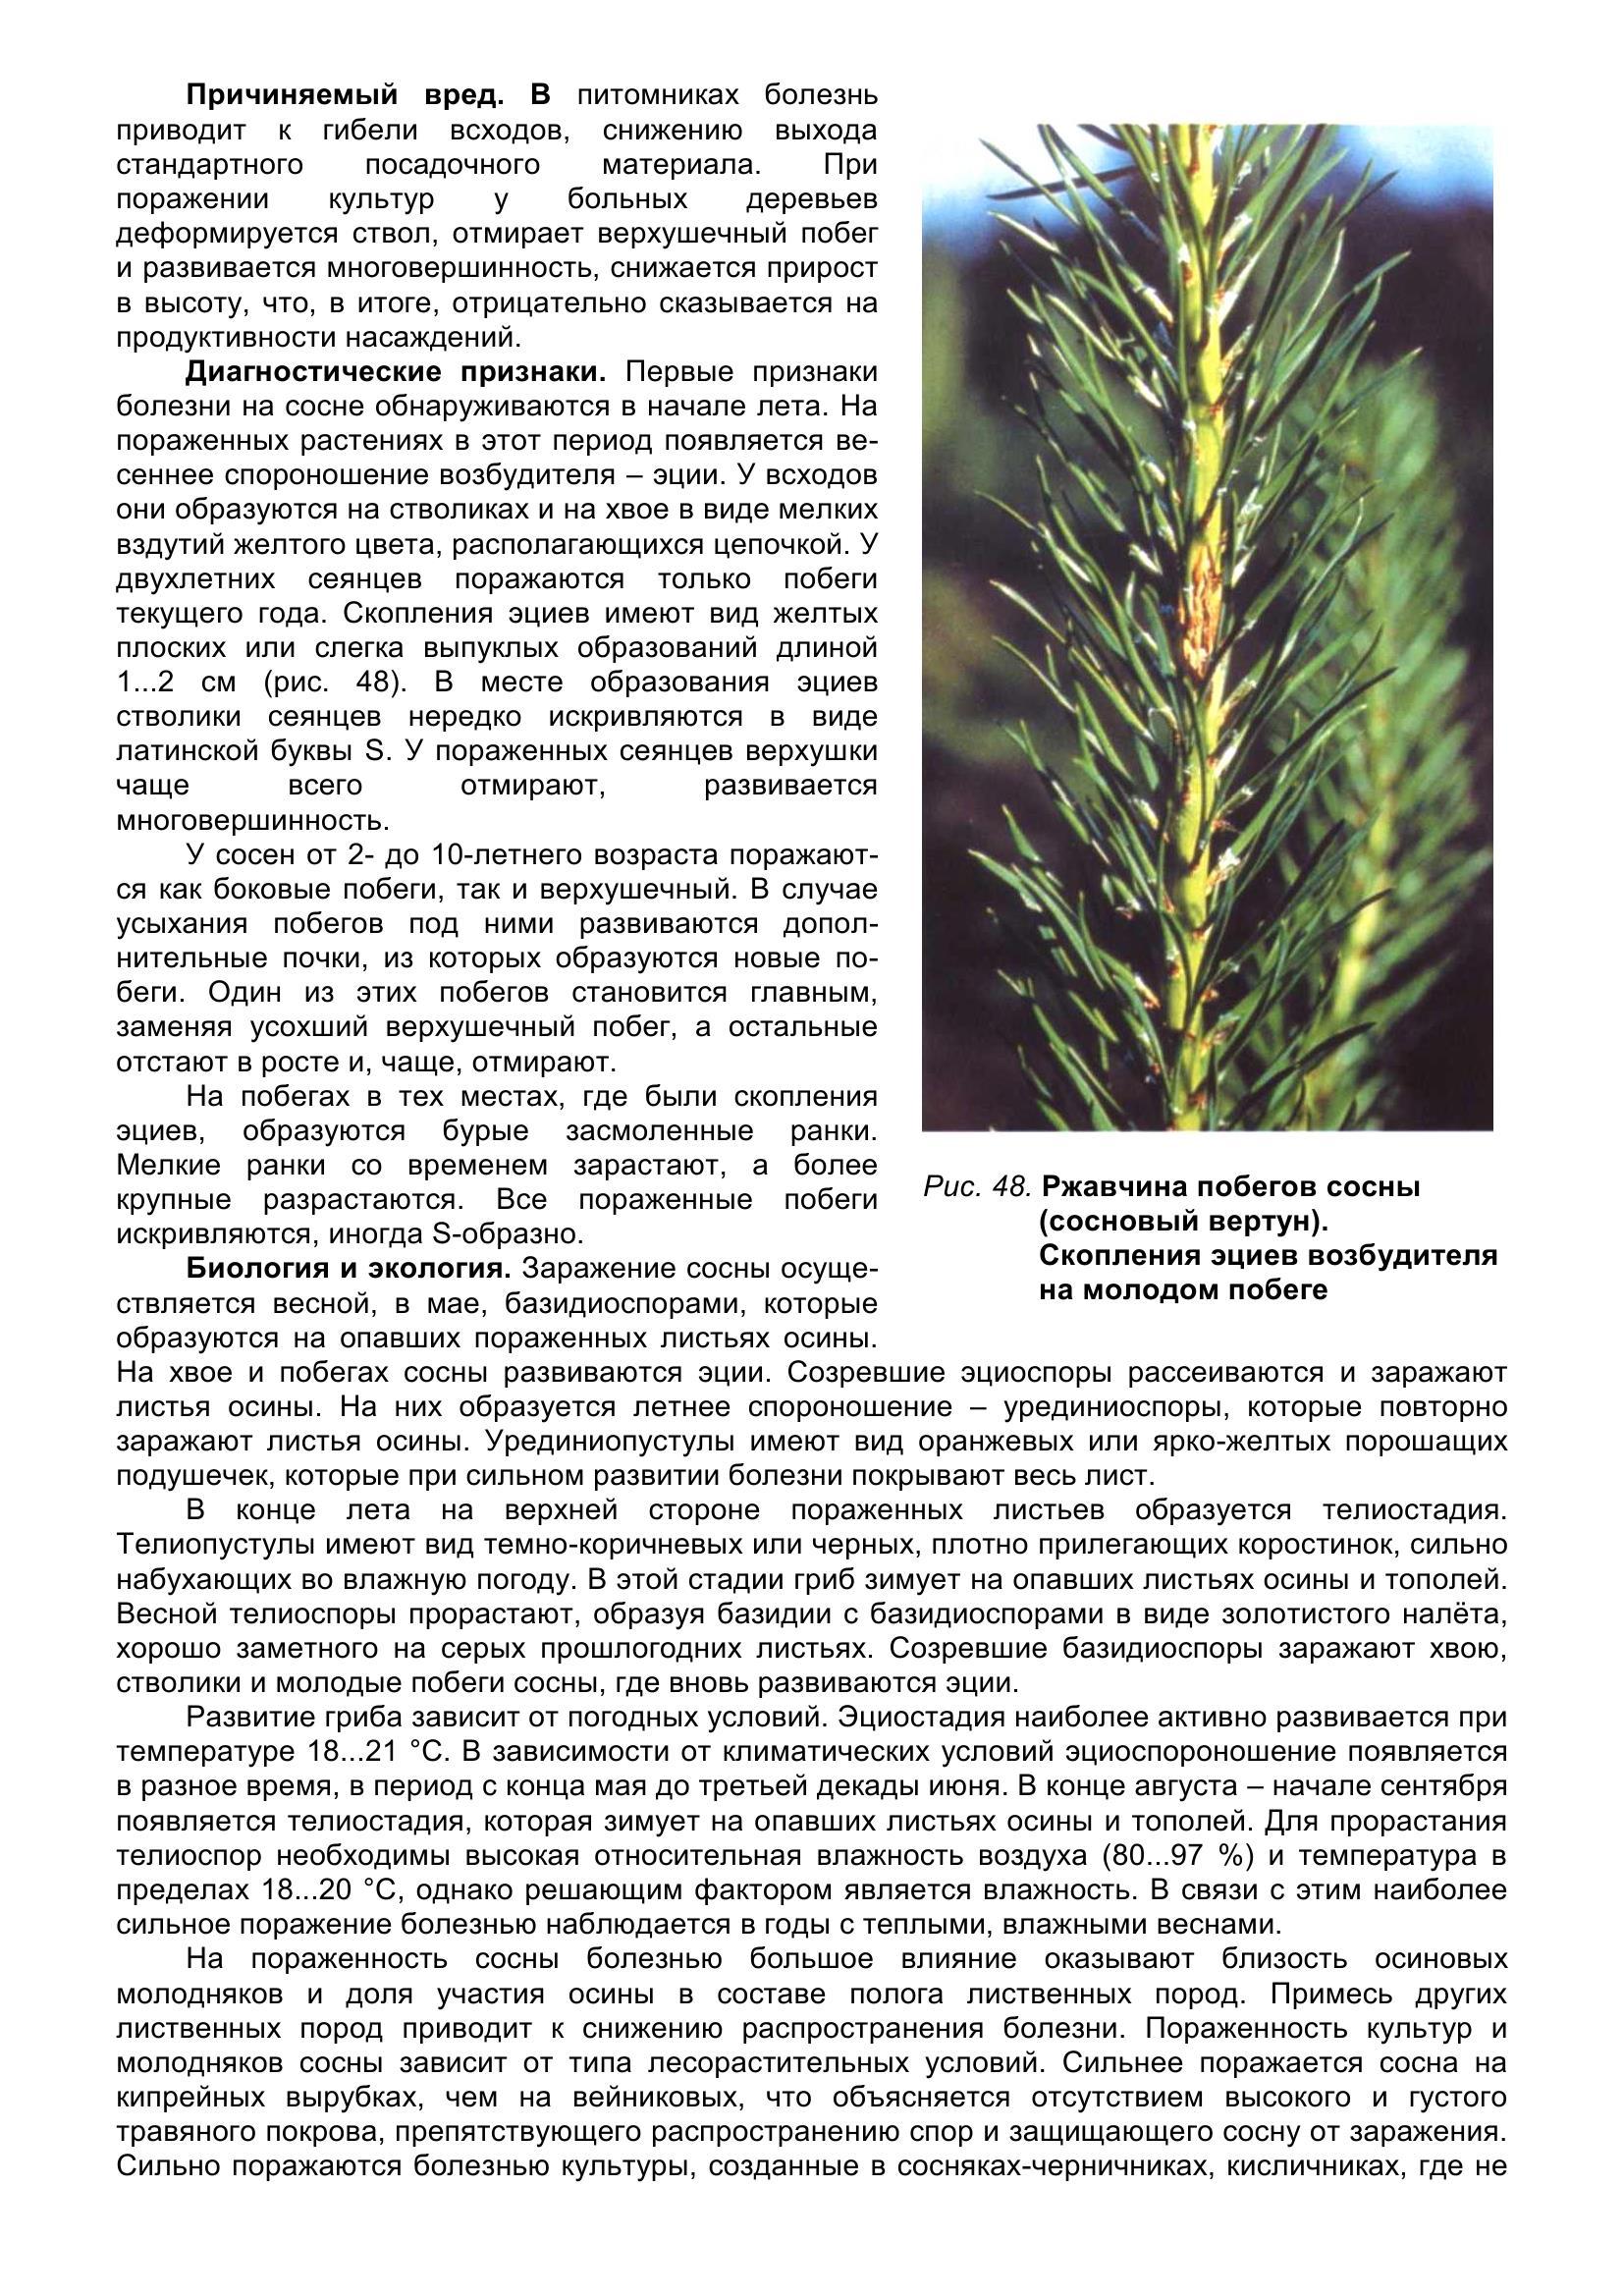 Болезни_древесных_растений_060.jpg